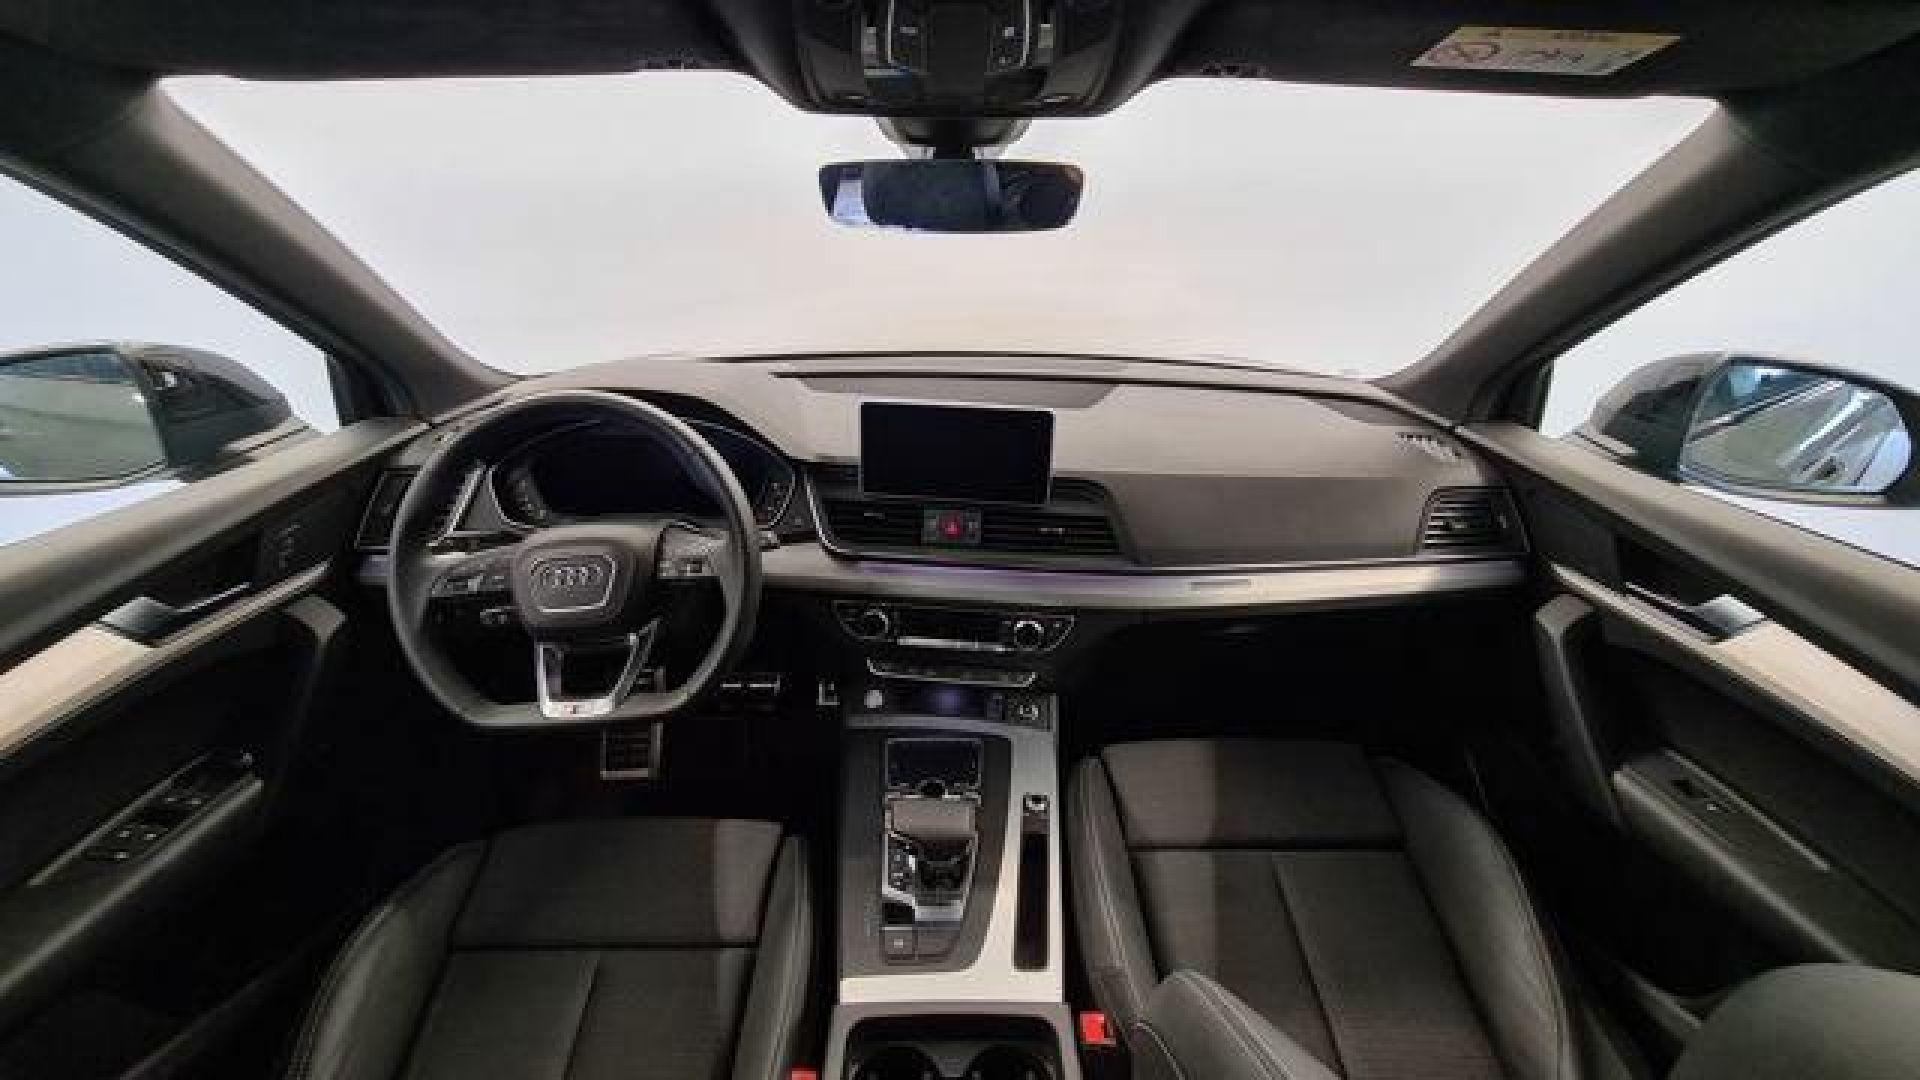 Audi Q5 Black line 40 TDI 150kW quattro S tronic